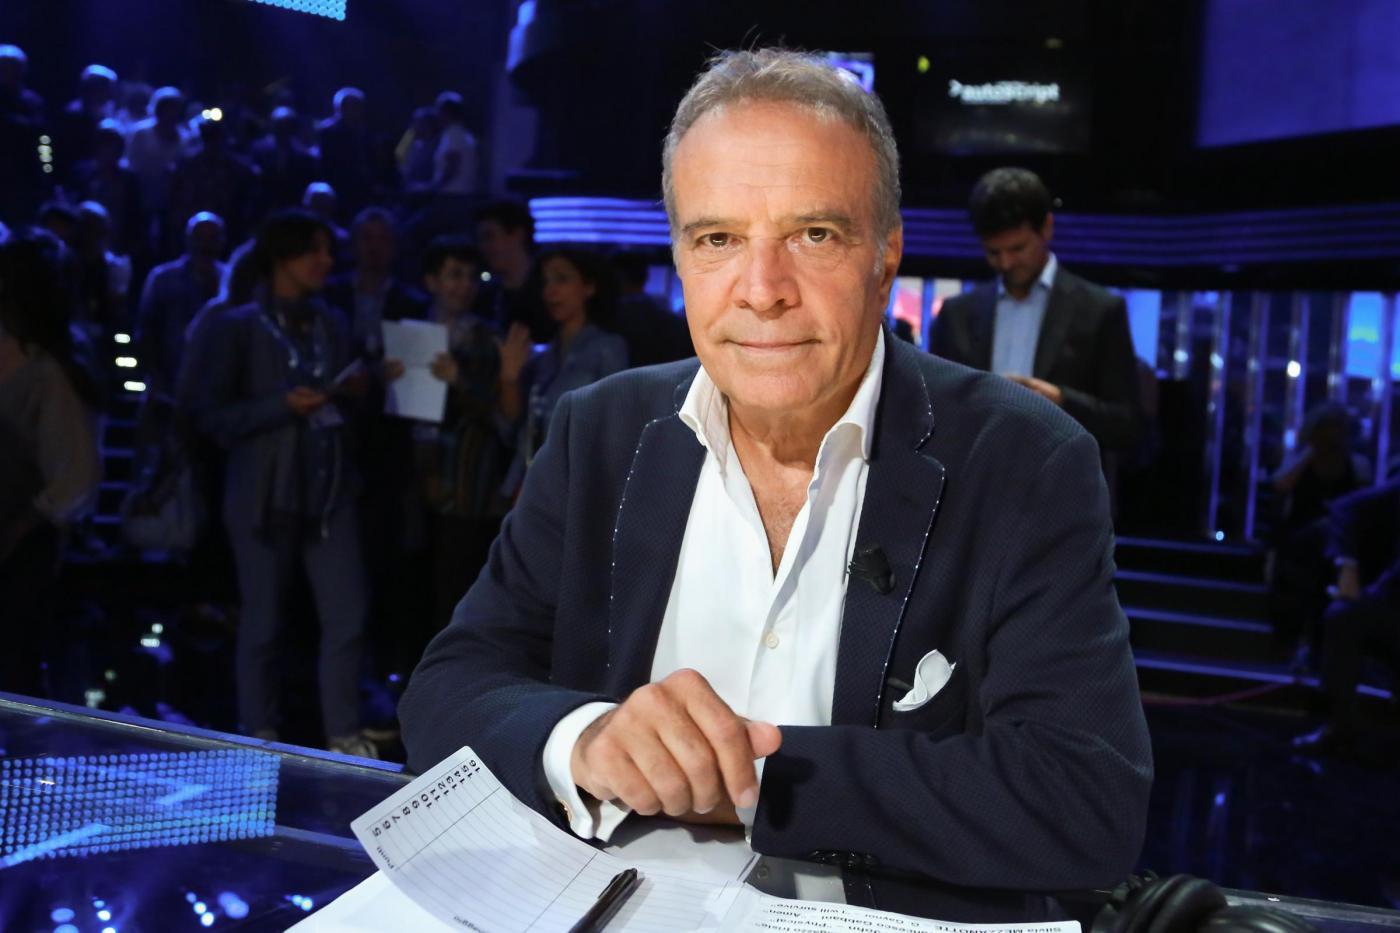 Festival di Sanremo 2017, Enrico Montesano sul palco dell'Ariston con il collega Carlo Conti